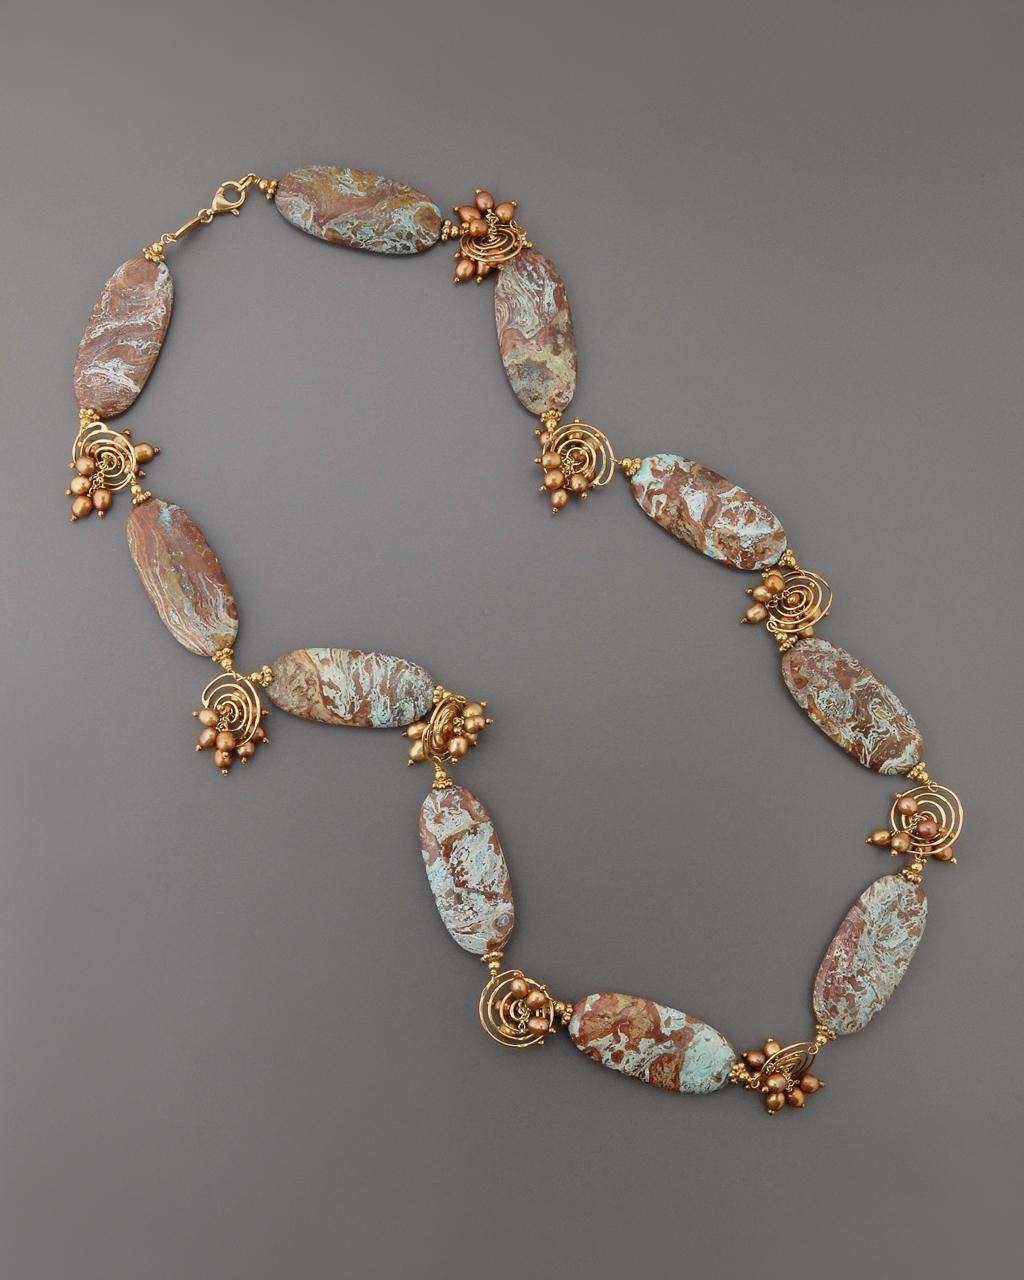 Κολιέ ασημένιο 925 με Ορυκτές πέτρες & Μαργαριτάρια   γυναικα κρεμαστά κολιέ κρεμαστά κολιέ ημιπολύτιμοι λίθοι